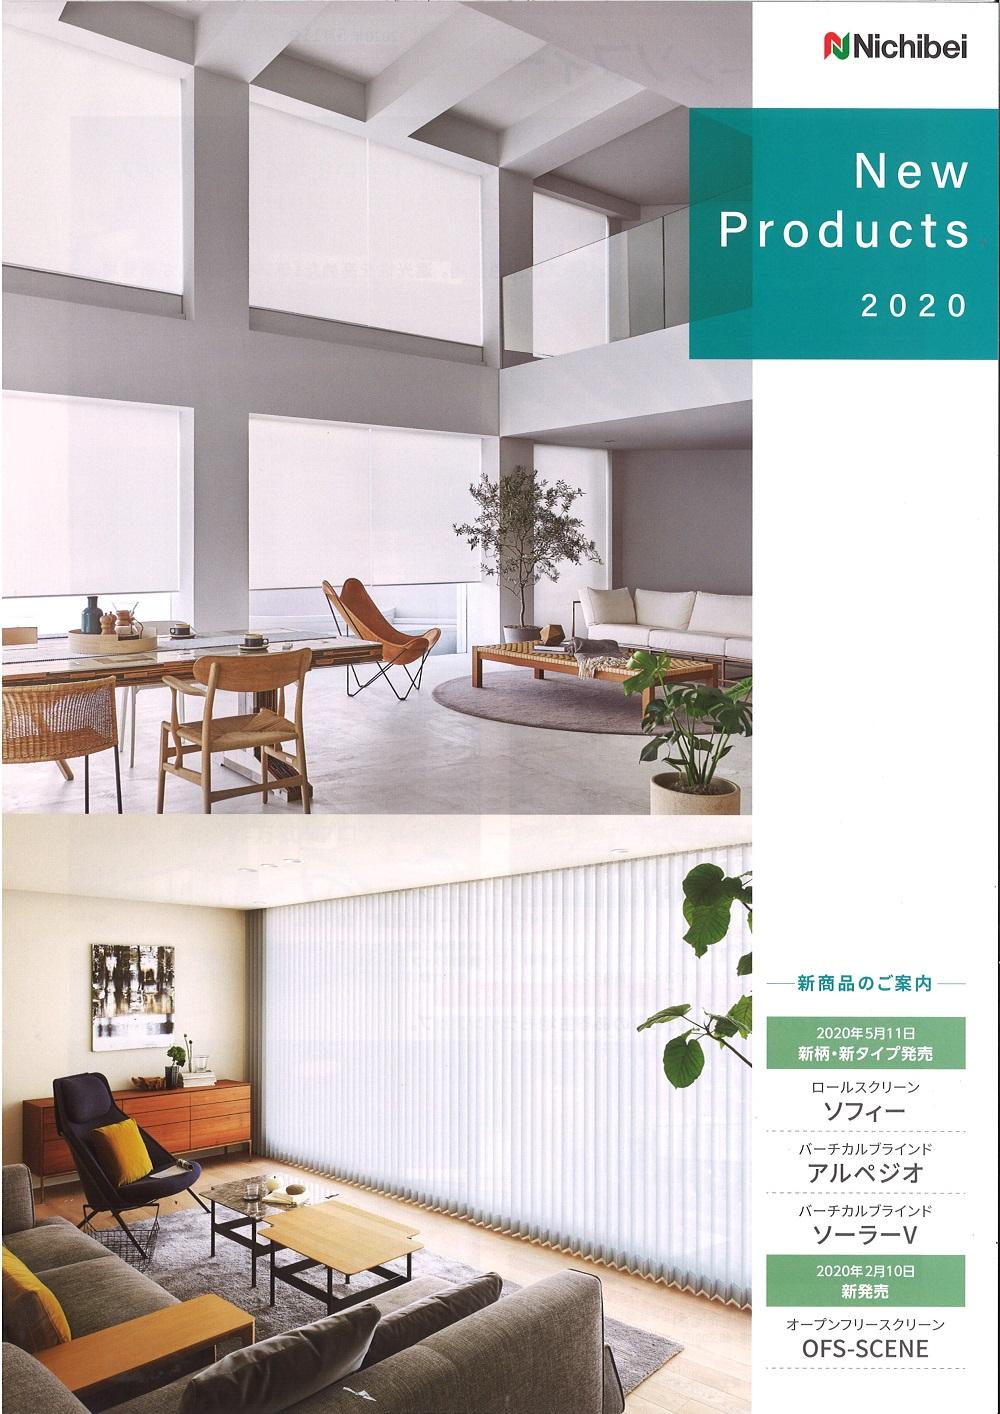 ニチベイ20-06-15新商品 (1).jpg